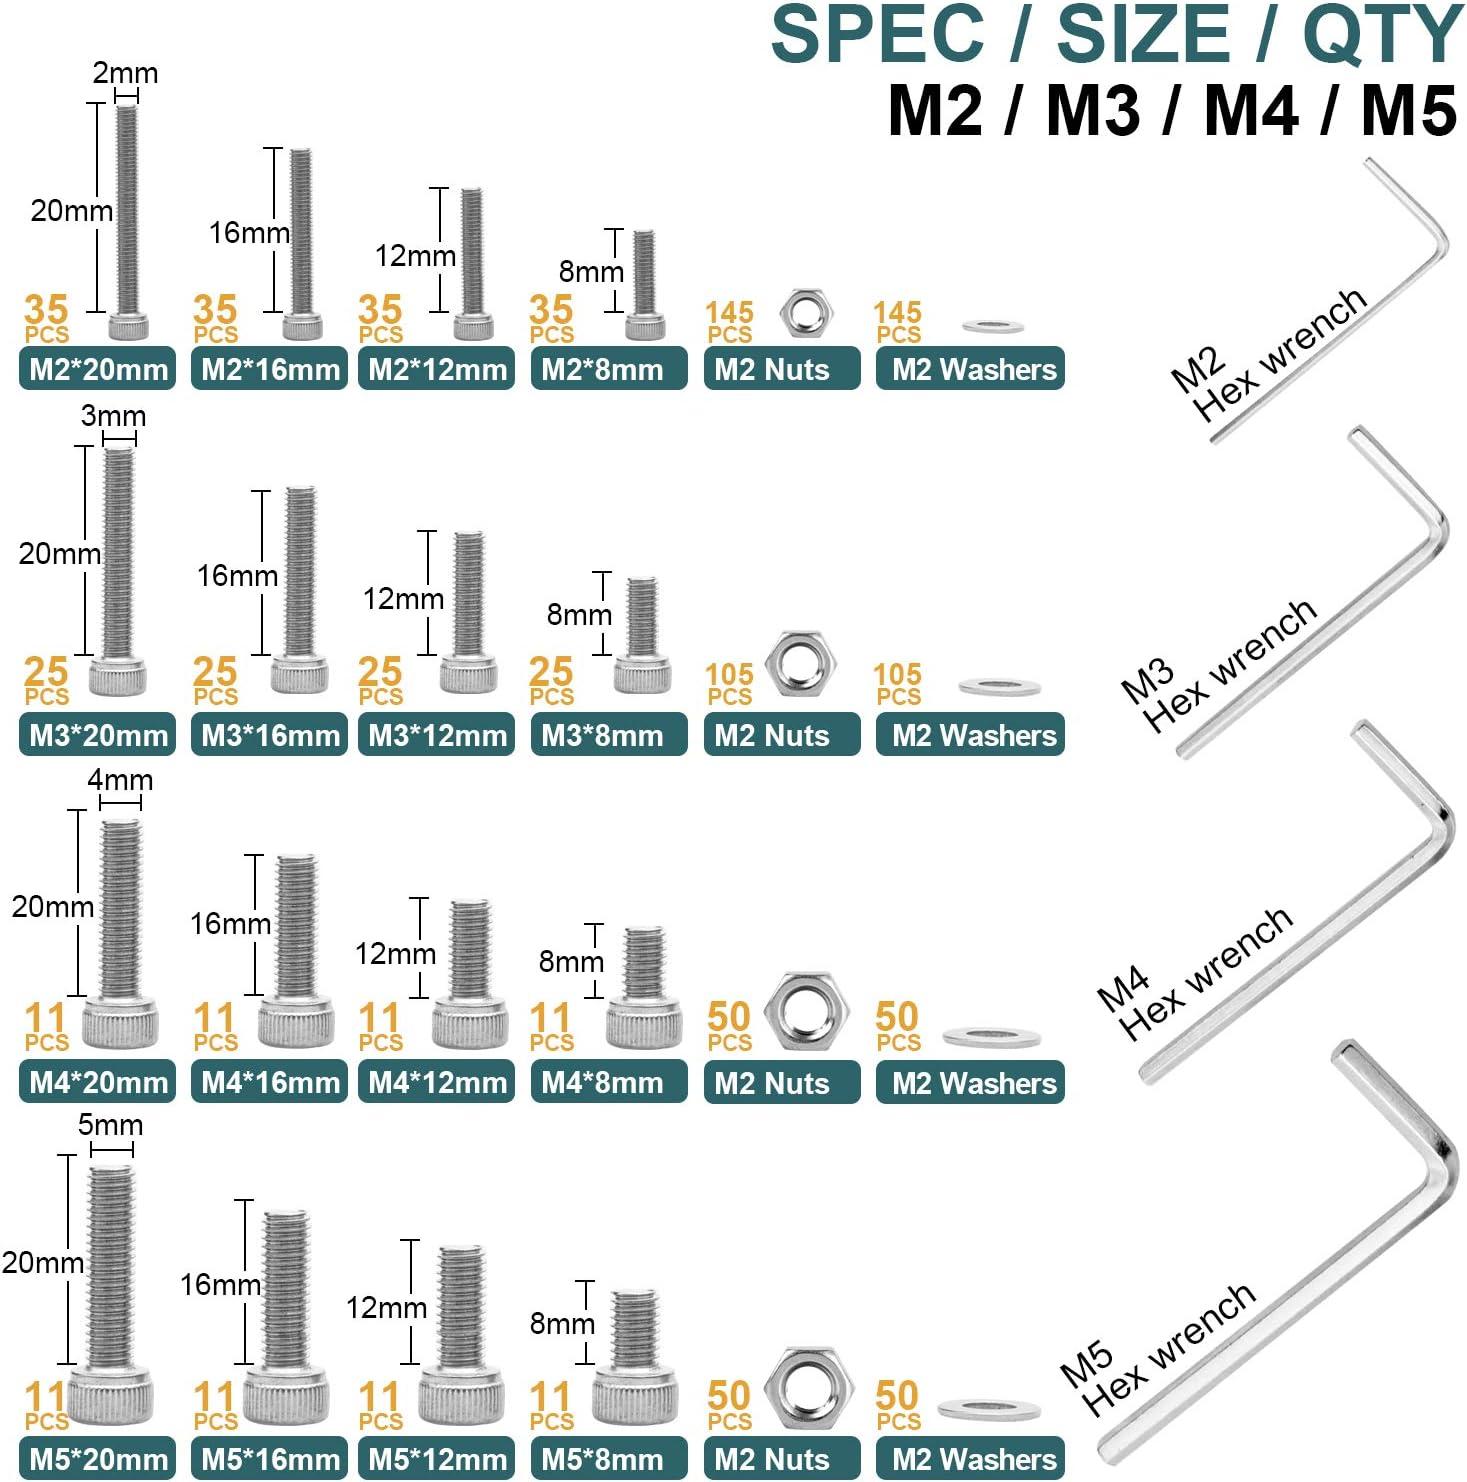 Hex flach-Knopf Schrauben Schraubenschl/üssel XIESK 1032St/ück M2 M3 M4 M5 Edelstahl Hex flach-Knopf Schrauben Schrauben Muttern und Unterlegscheiben